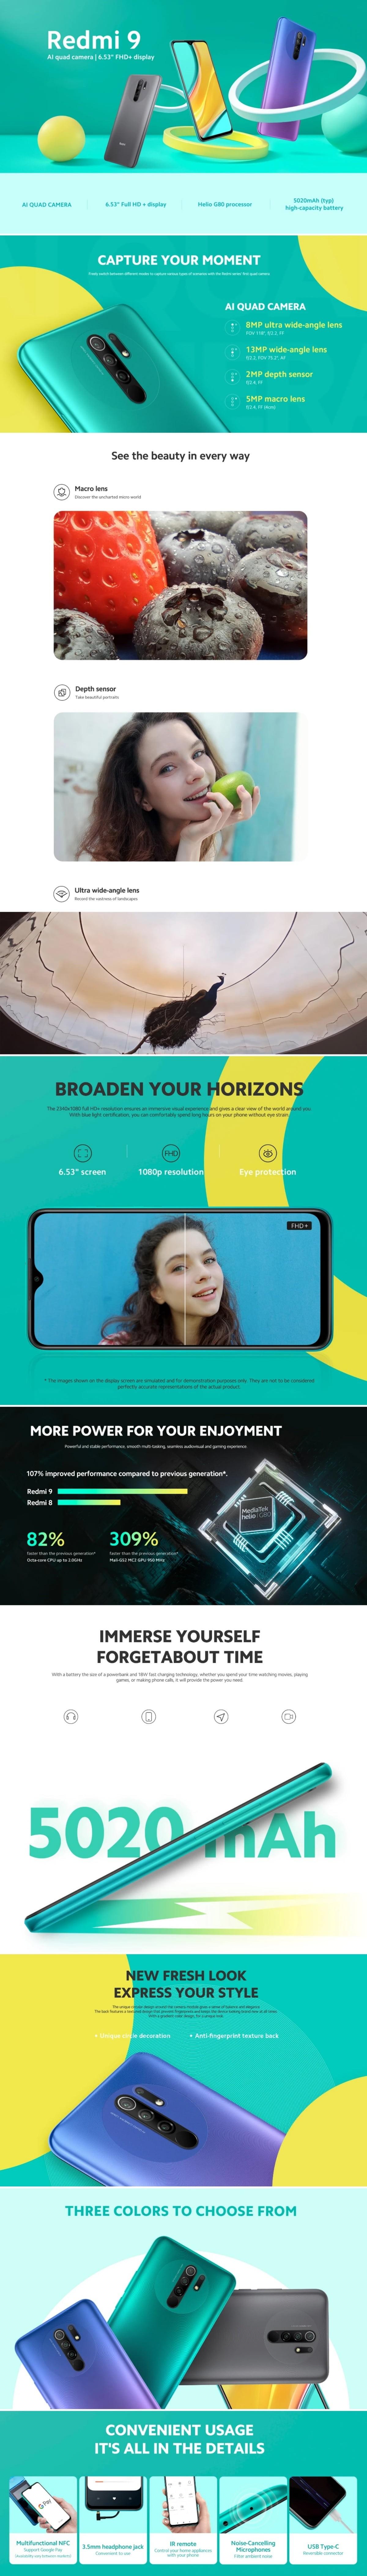 Xiaomi-Redmi-9-NFCafbfc9a555e9e7e2.jpg